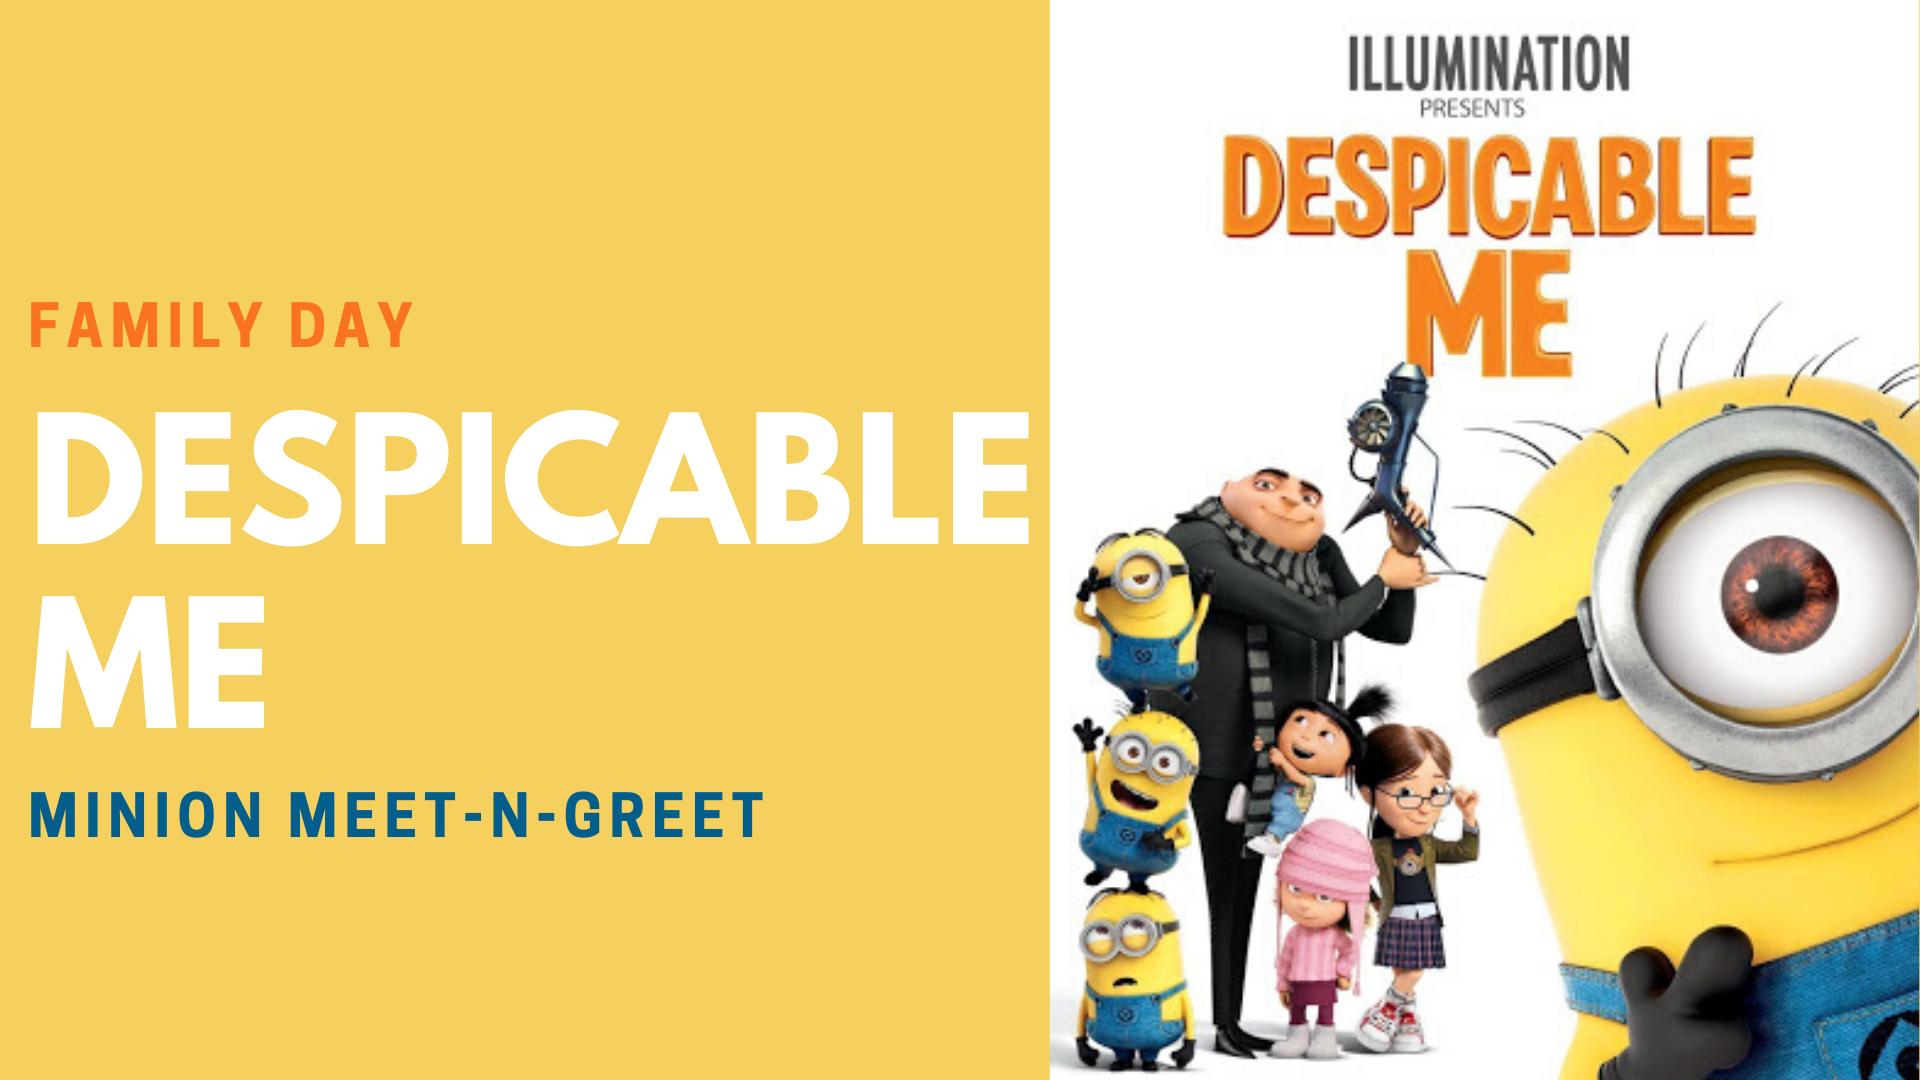 Despicable Me Movie w/ Minions - hero